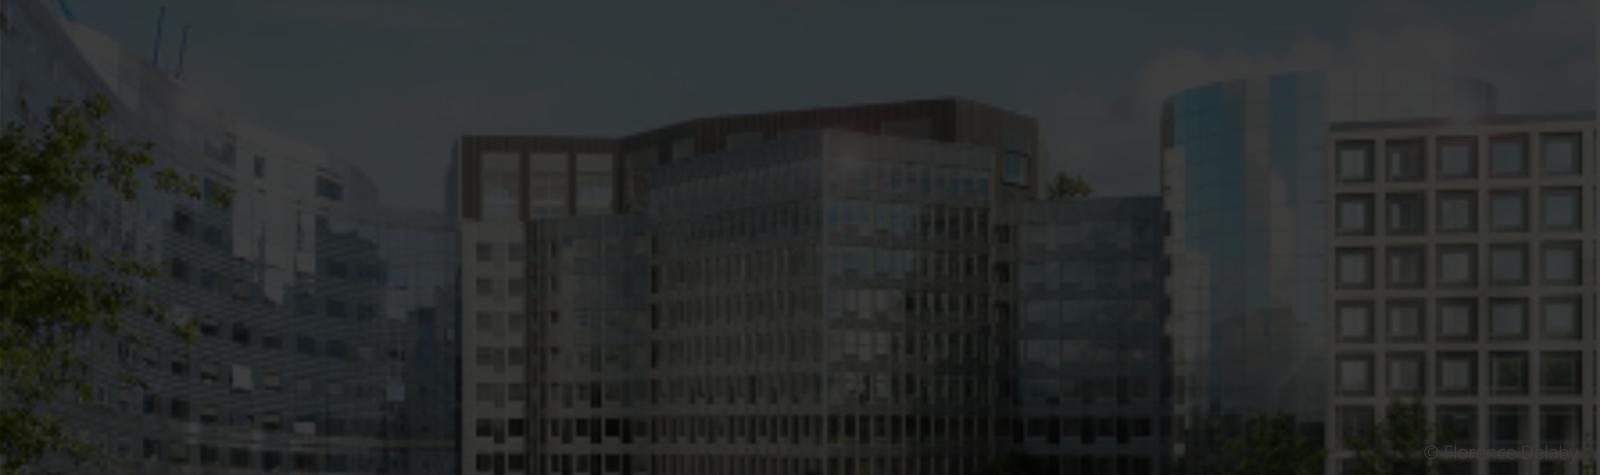 AVELTYS finalise une mission de commissioning pour l'immeuble NE·ST situé à Courbevoie